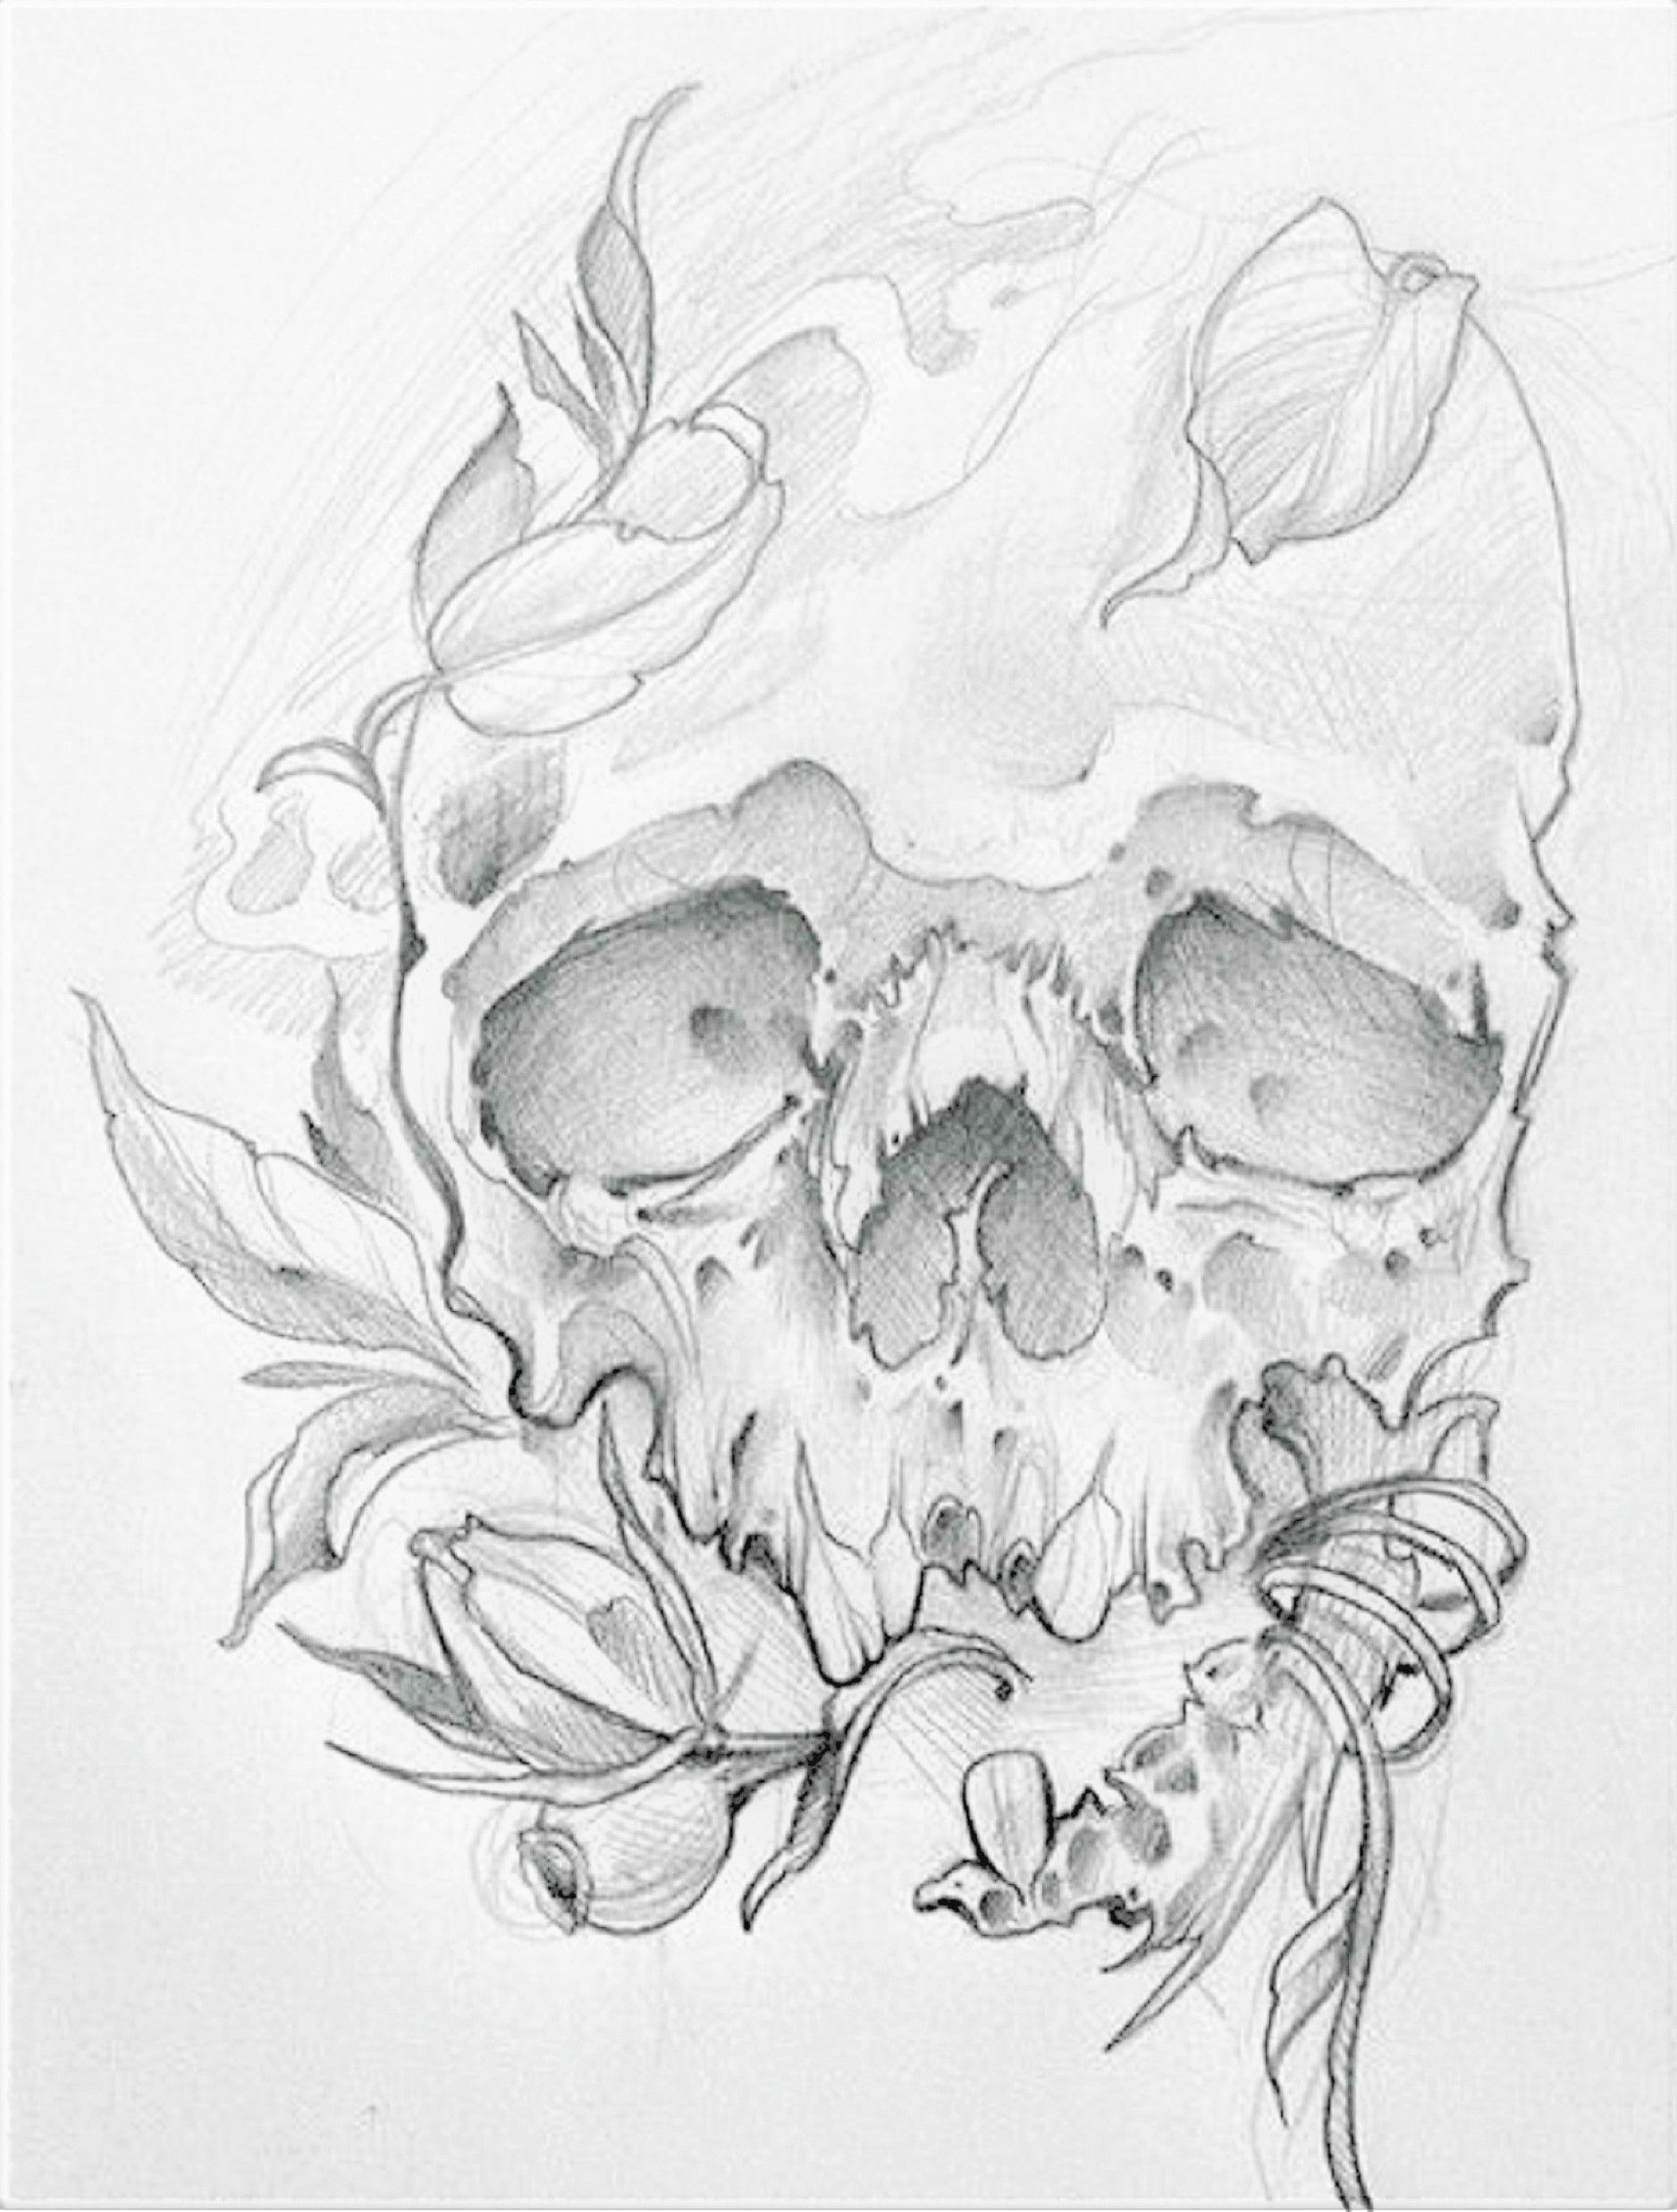 Skull Jaw Tattoo: Skull With Broken Jaw & Foliage #1